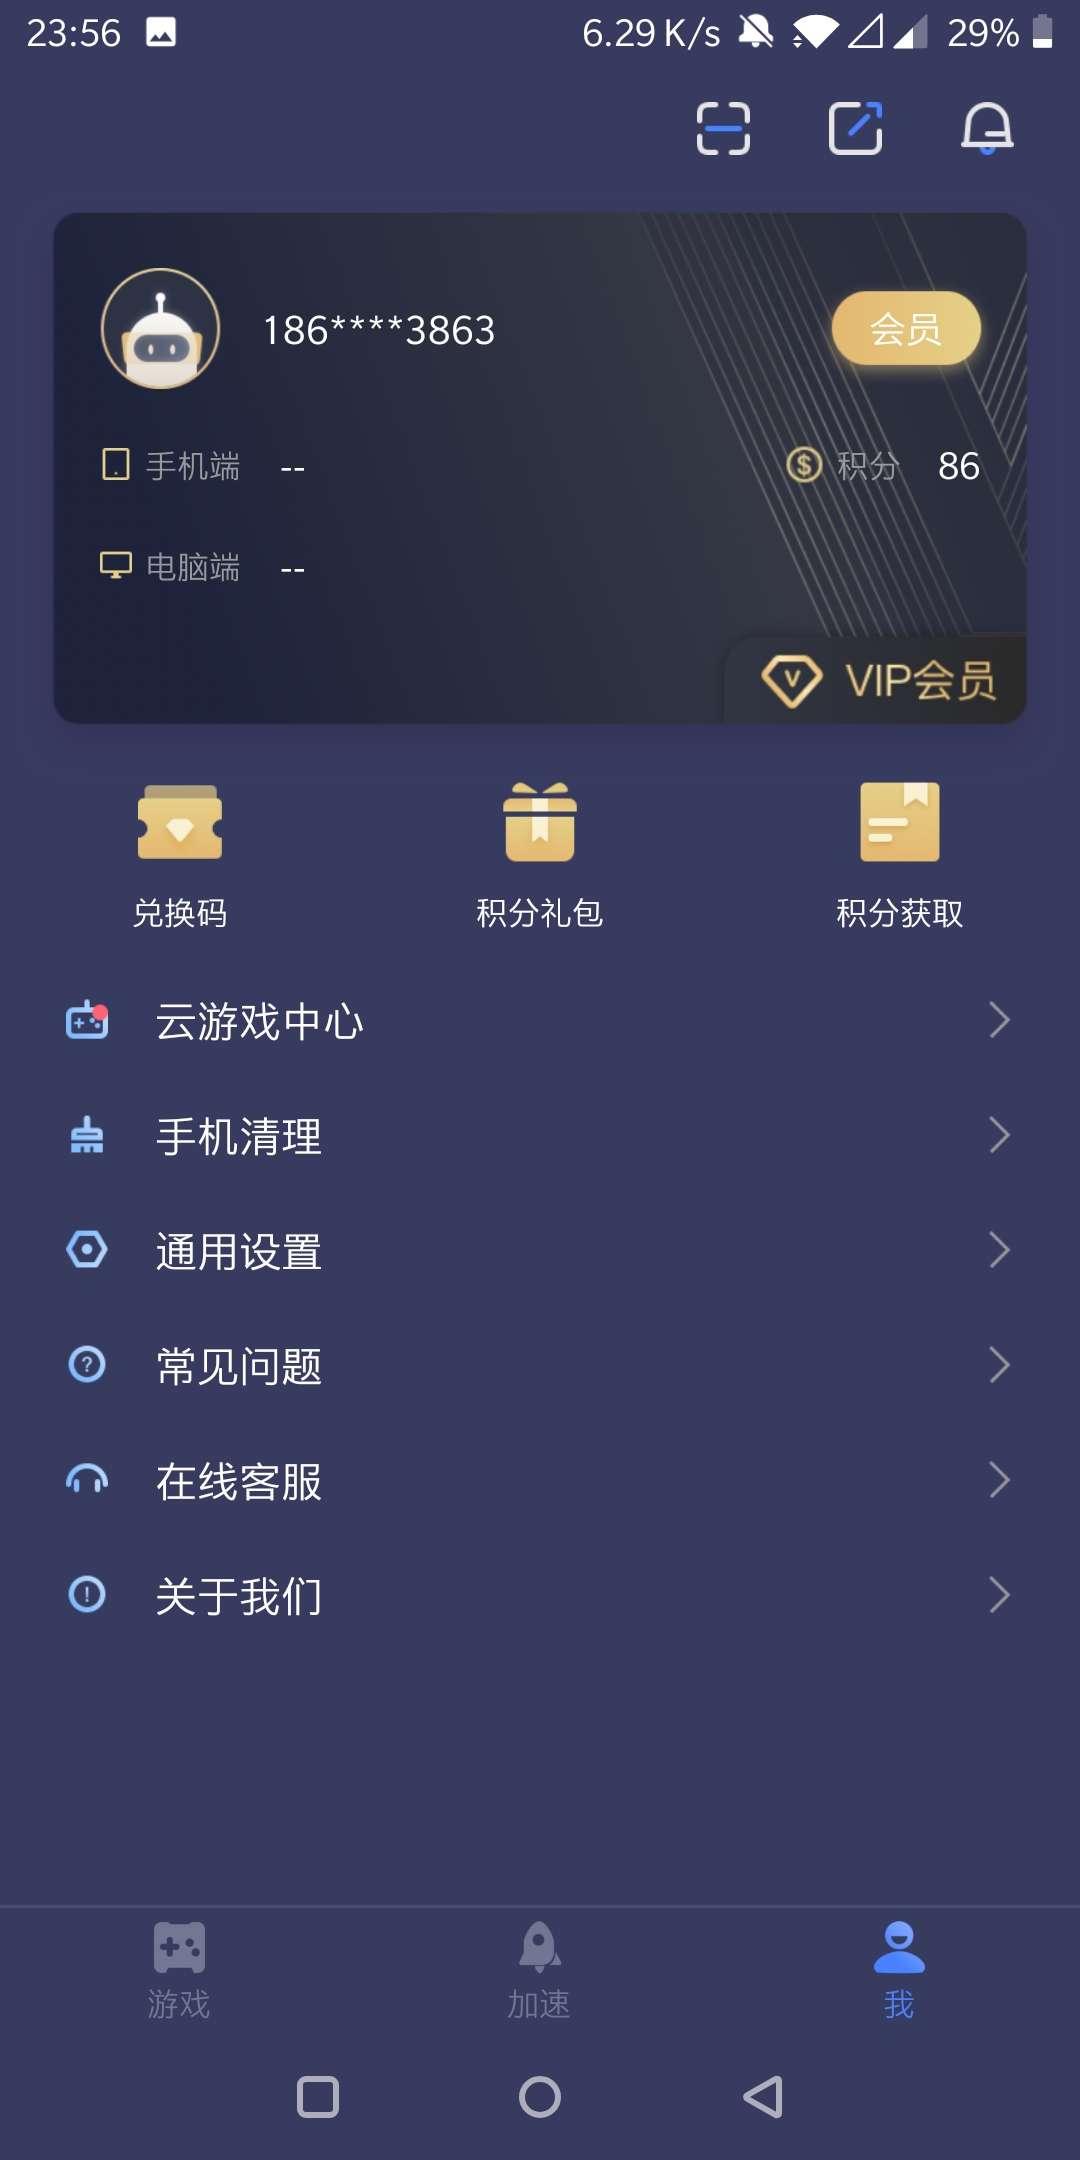 【分享】迅游手游加速器v5.1.13.1腾讯官方手游加速器告别卡-爱小助